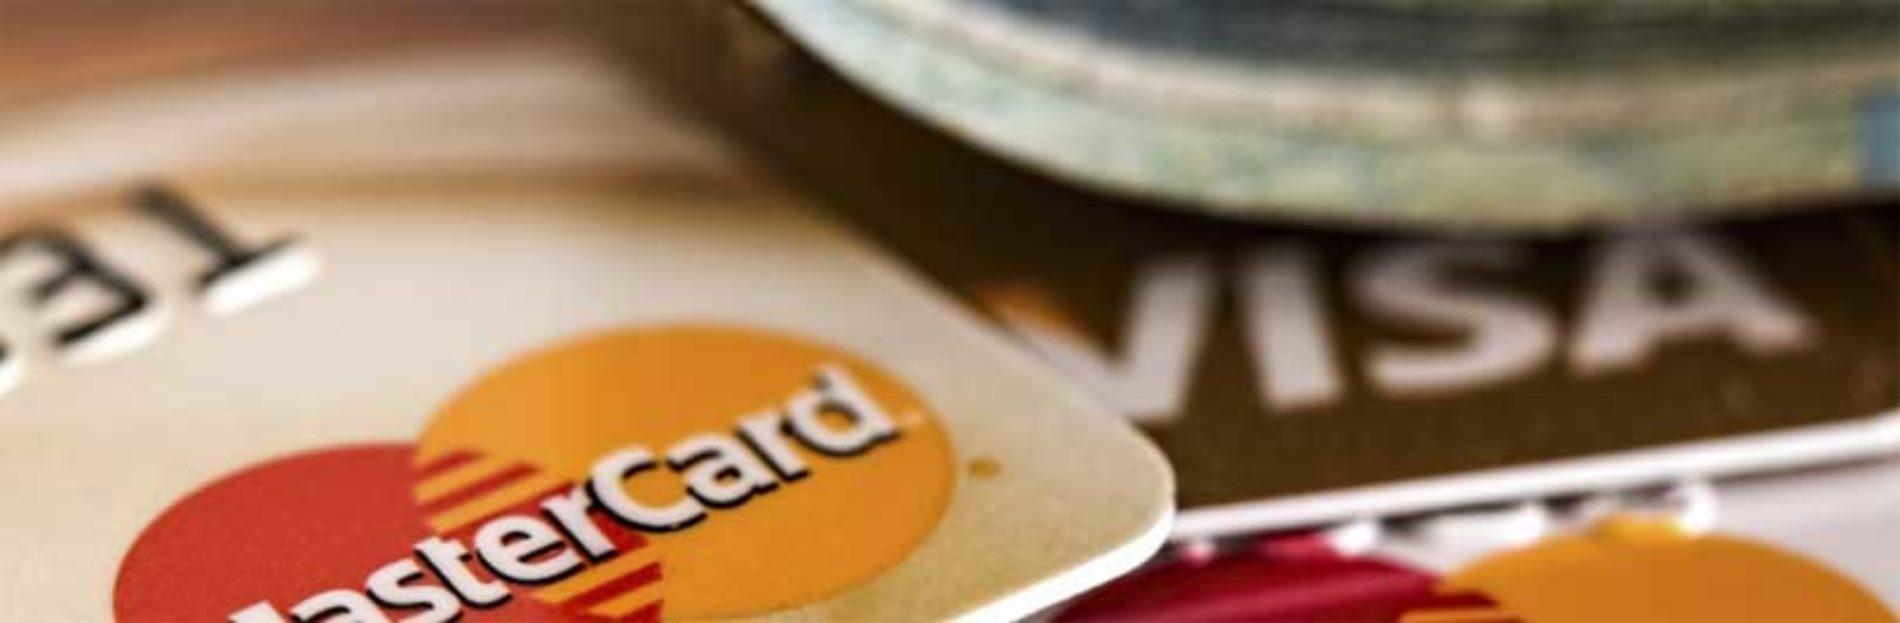 To etterforskes for kredittkortsvindel på Tenerife